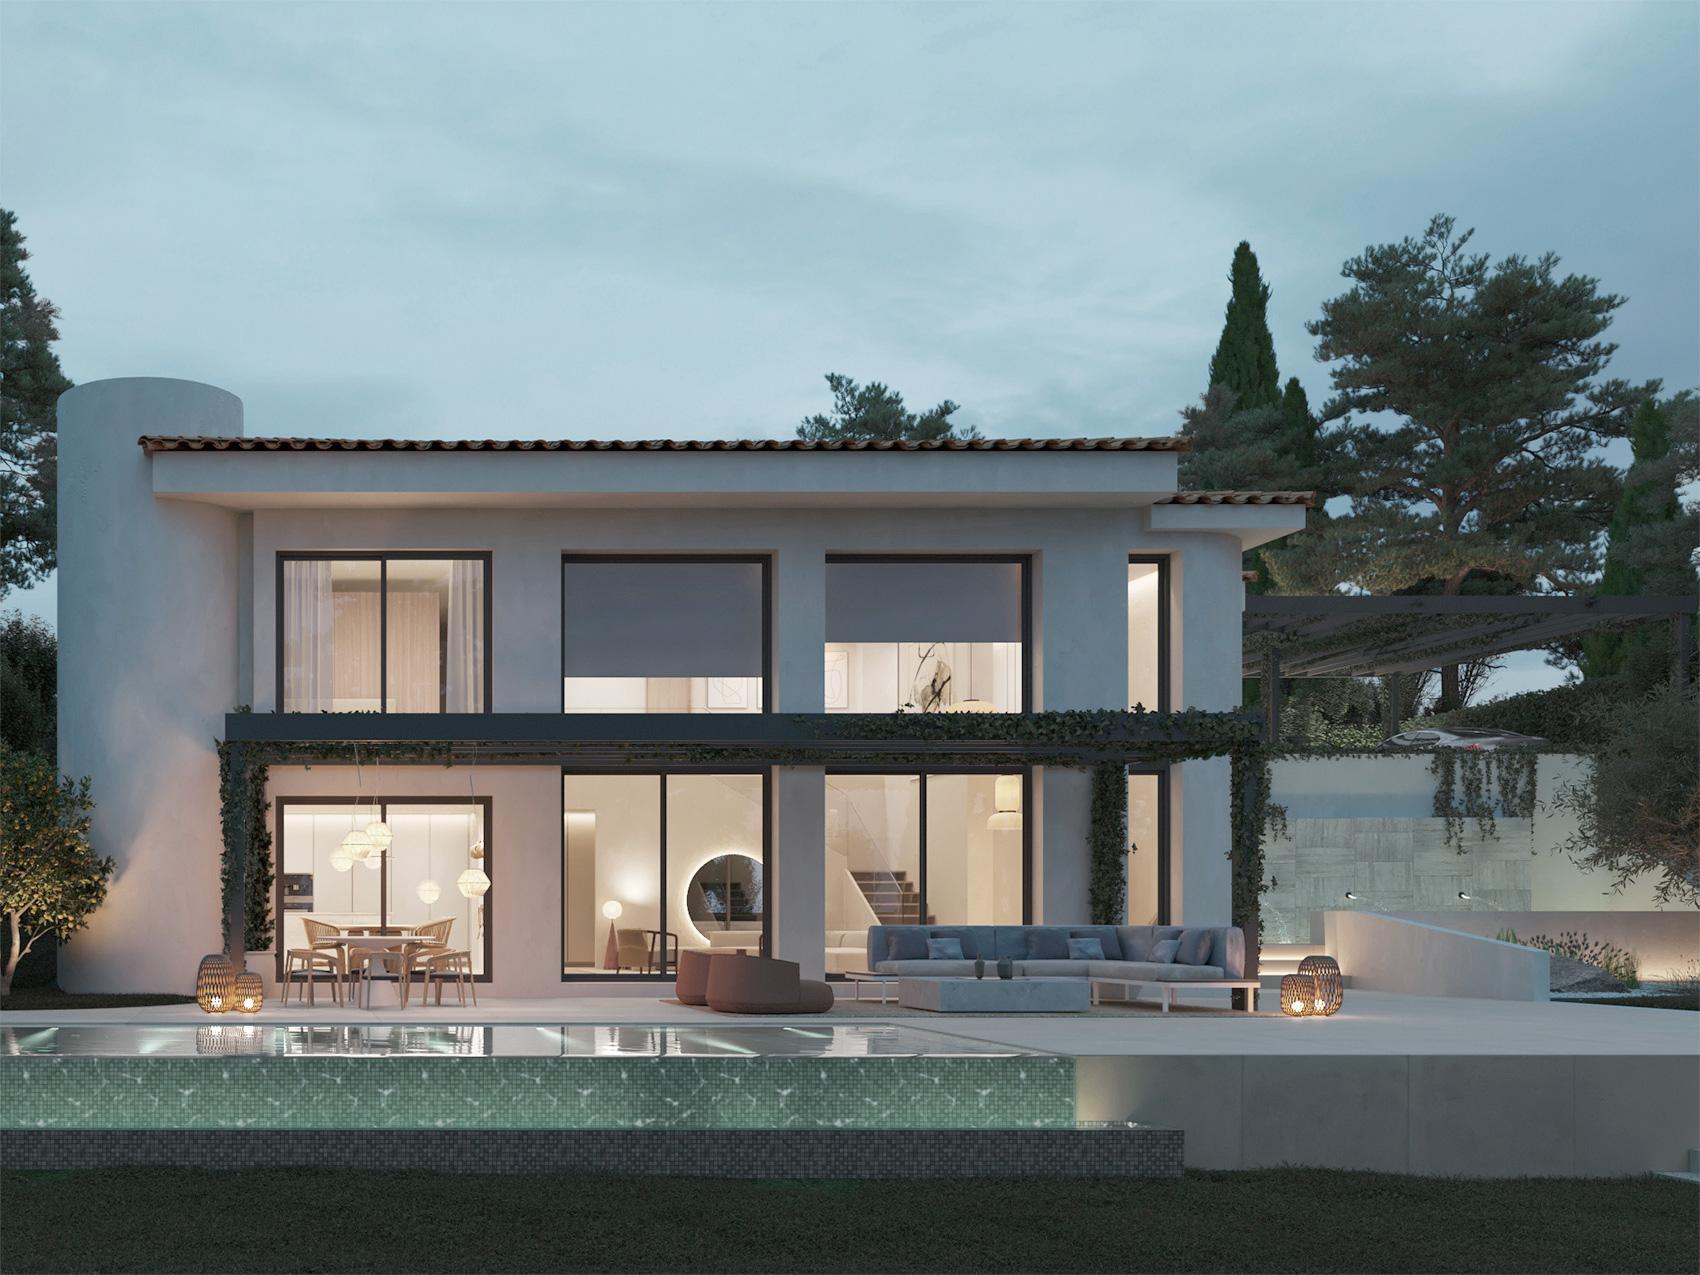 Estudio de Arquitectura: Kloos crea espacios poderosos y lujuosos en España estudio de arquitectura Estudio de Arquitectura: Kloos crea espacios poderosos y lujuosos en España 5e739d593e629